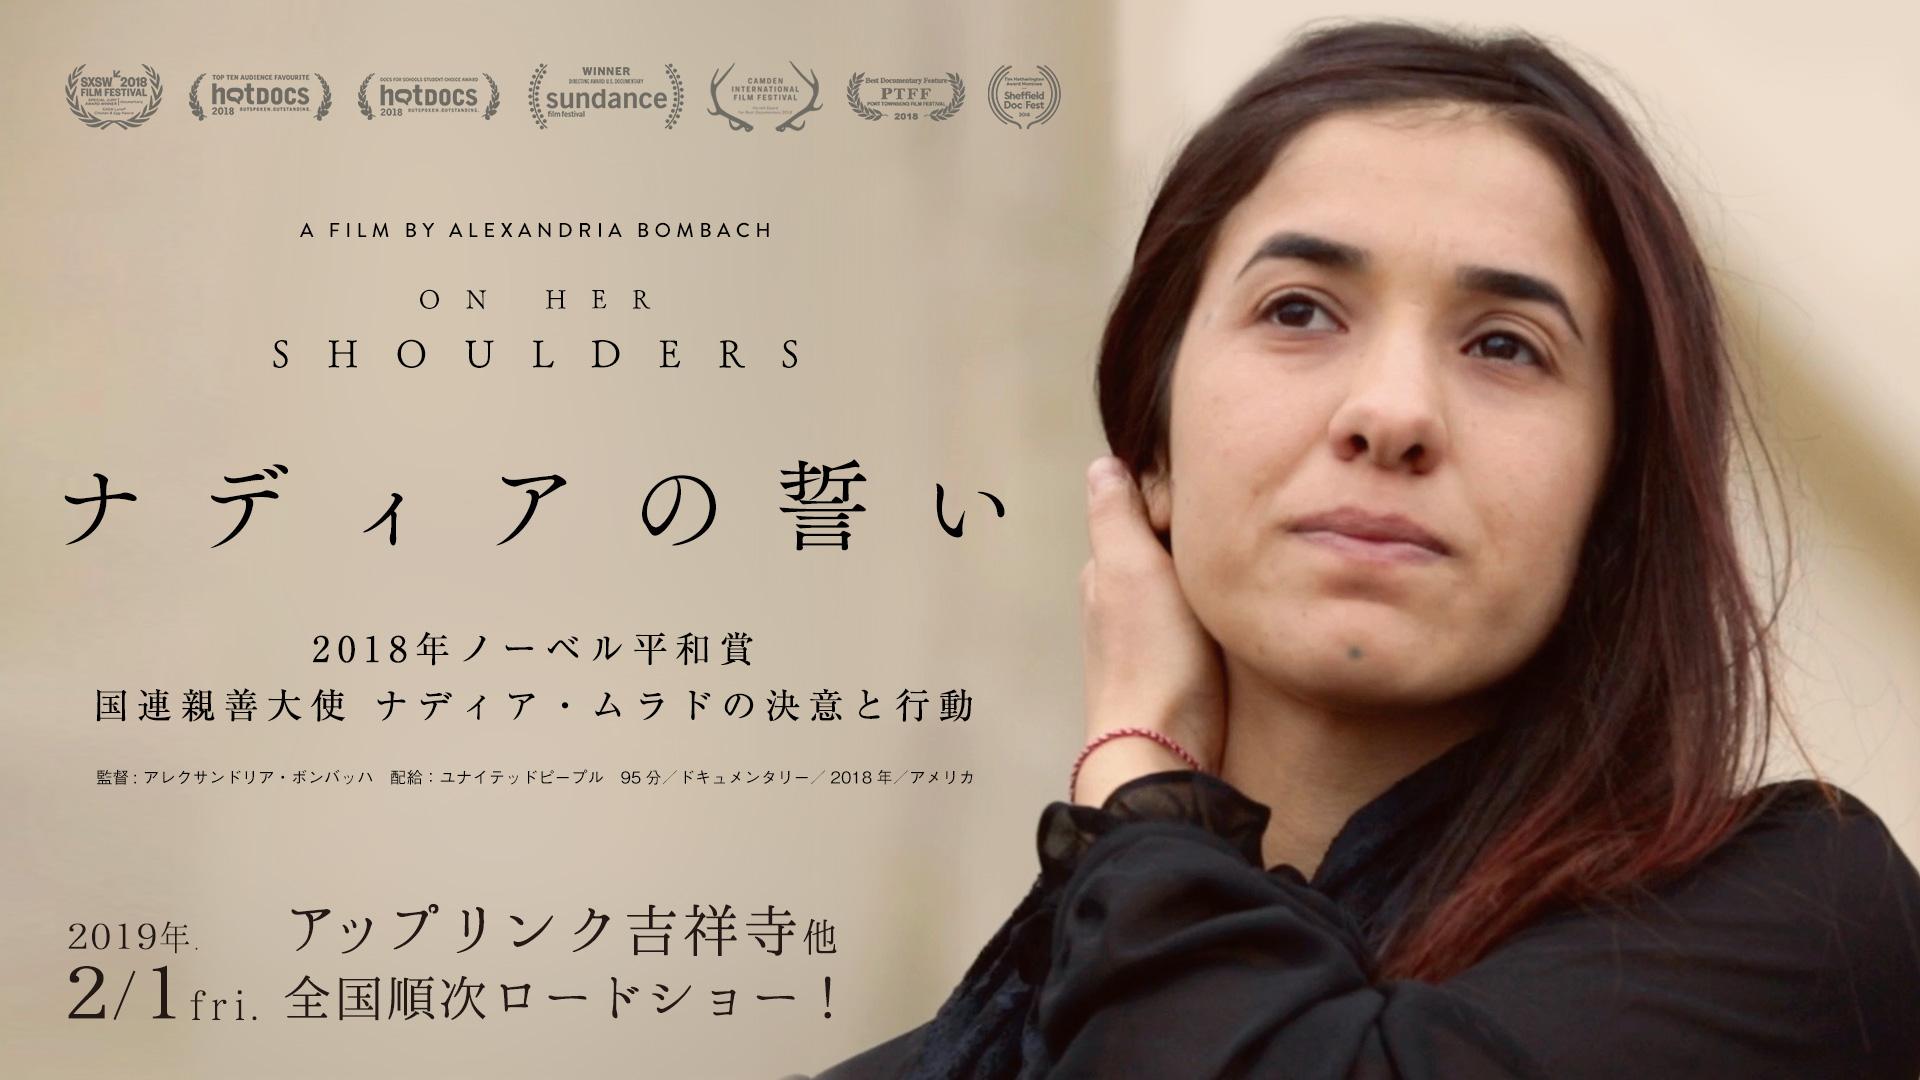 ナディアの誓い - On Her Shoulders